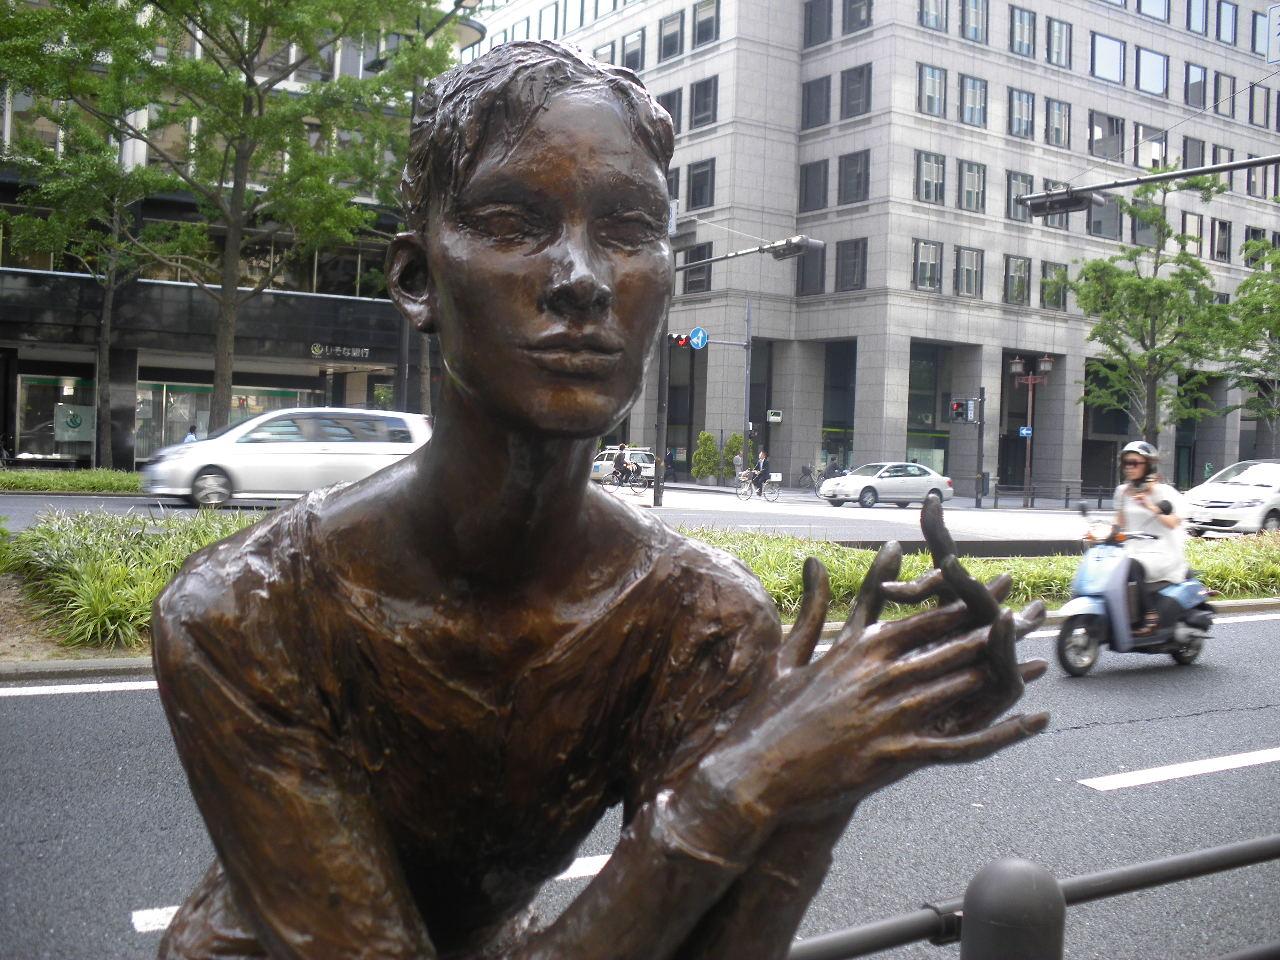 朝倉響子「ジル」 エレガントで気品がある魅力的な大人の女性像だ。 朝倉響子の野外彫刻を、...